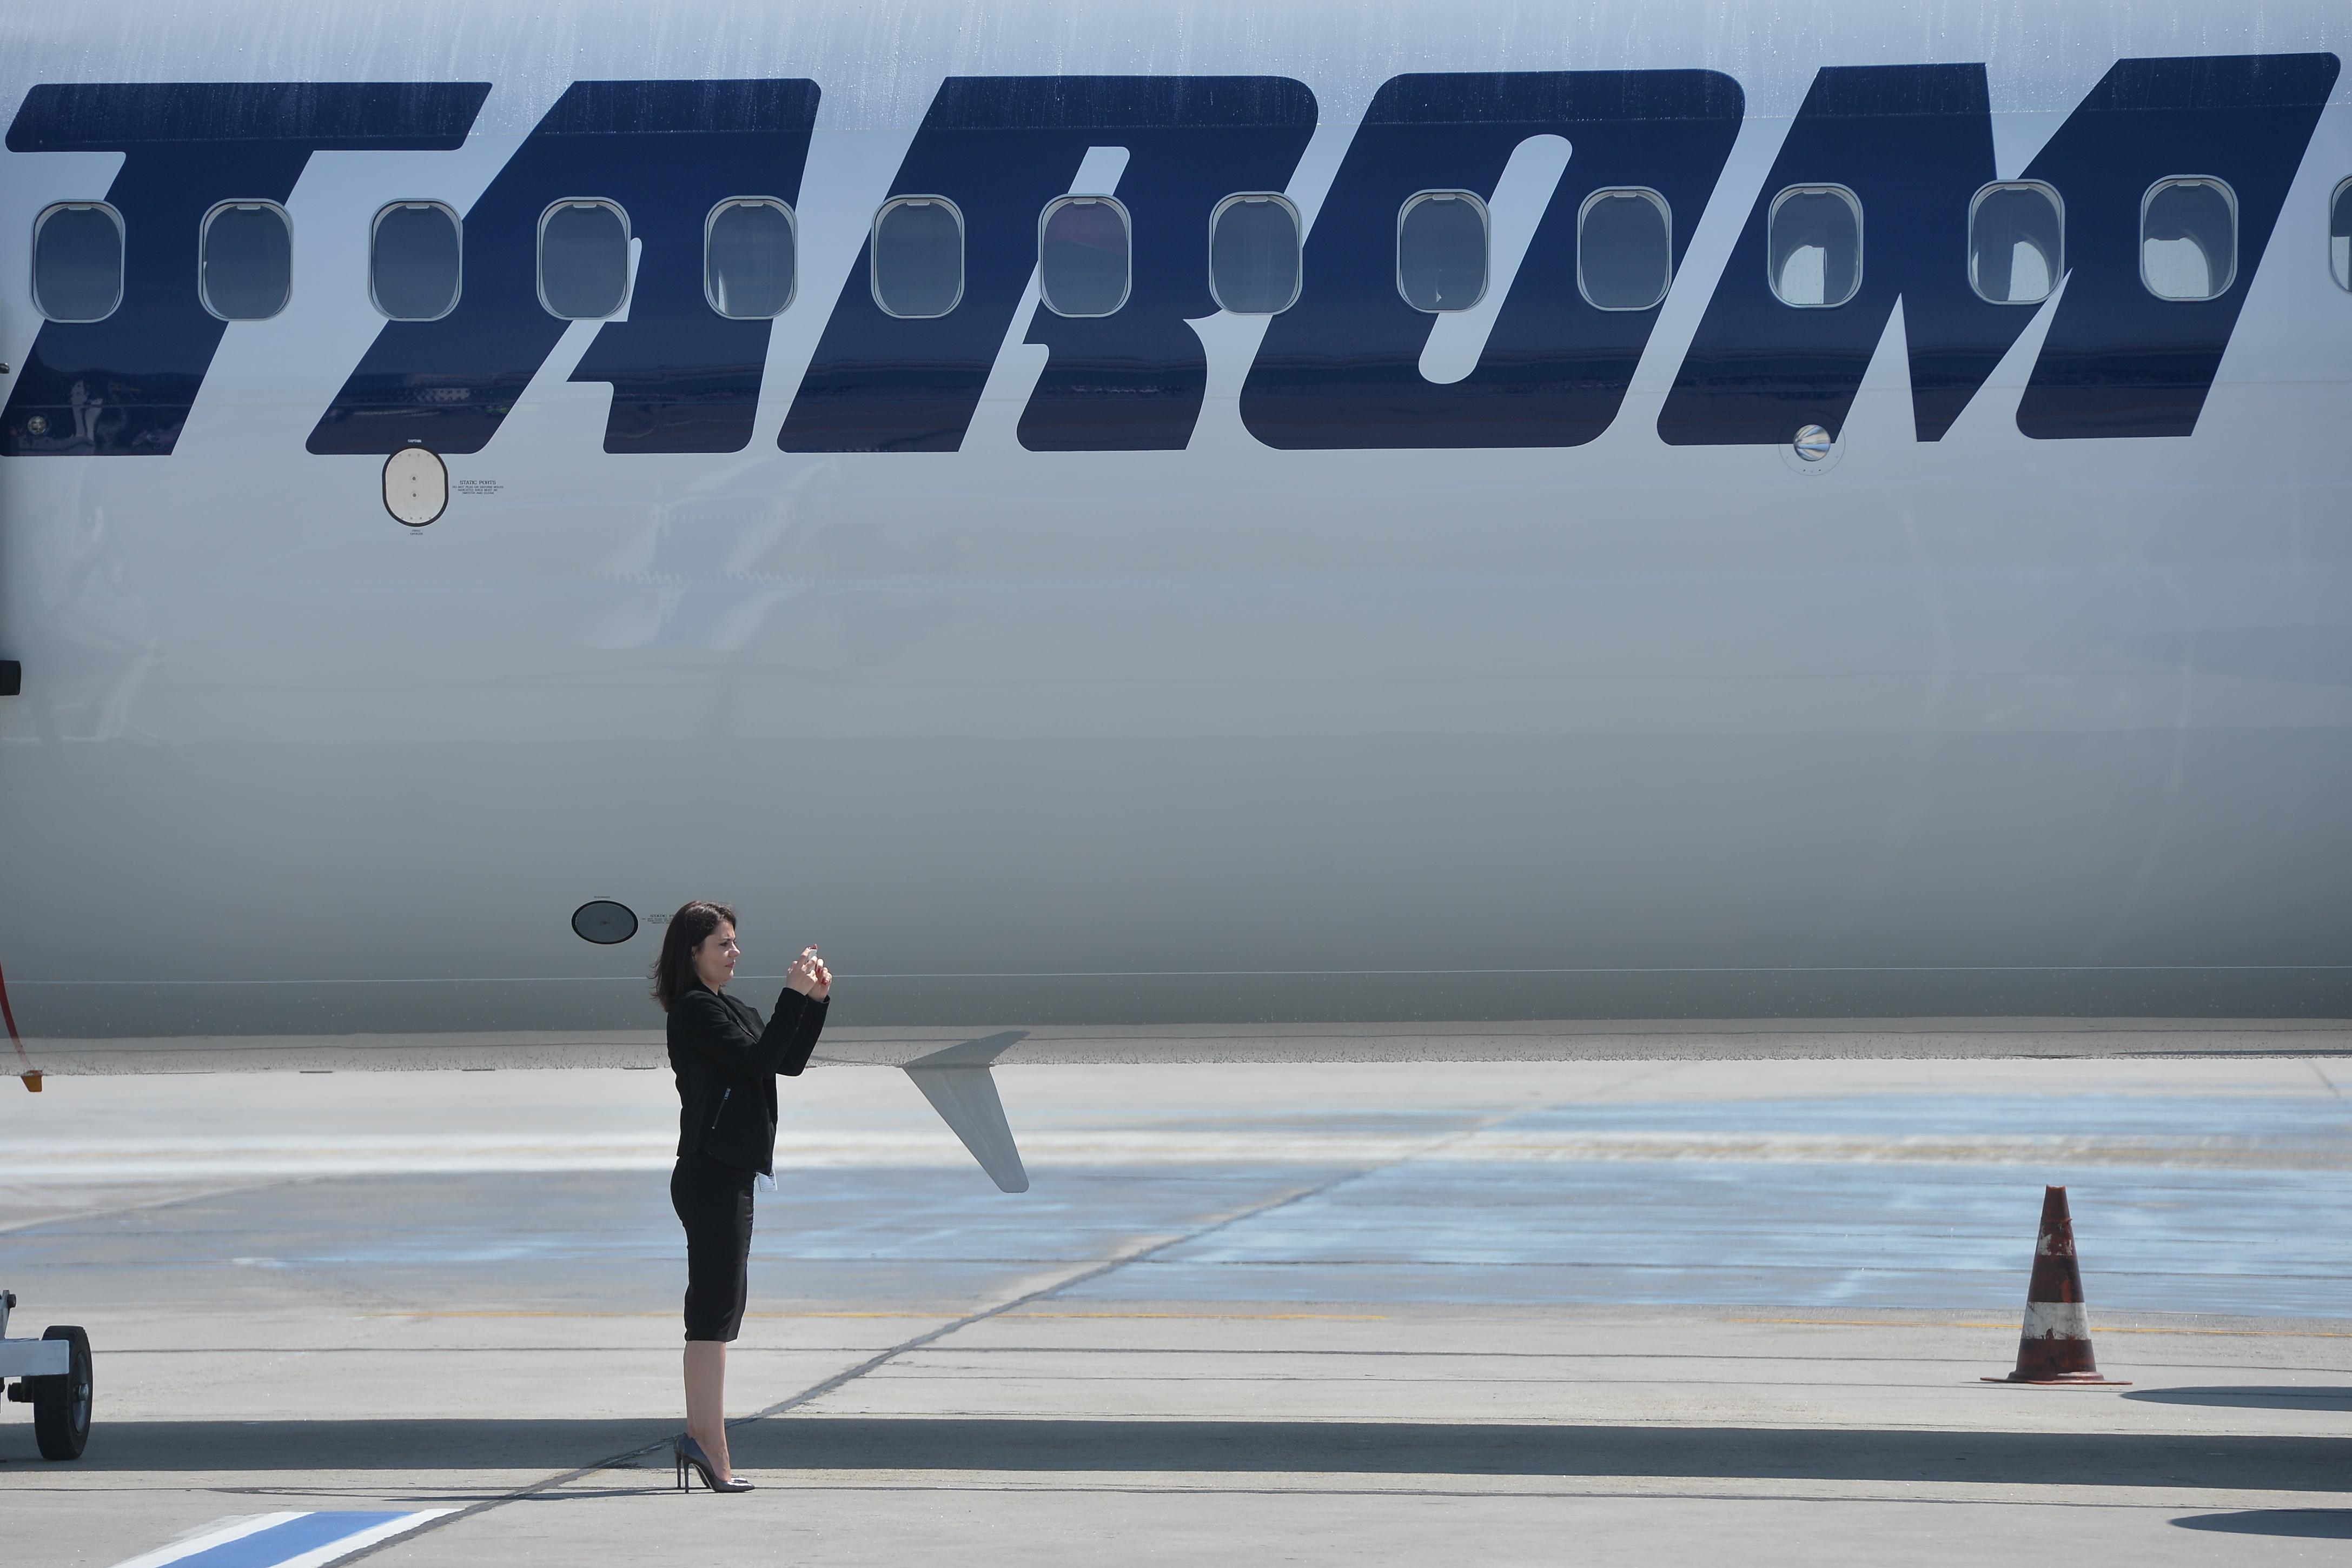 Tarom a lansat procedura de achiziţie pentru trei aeronave de tip widebody. Două avioane Boeing 737-800, denumite `Marea Unire` şi `Sarmizegetusa` au intrat, în luna mai, în flota companiei